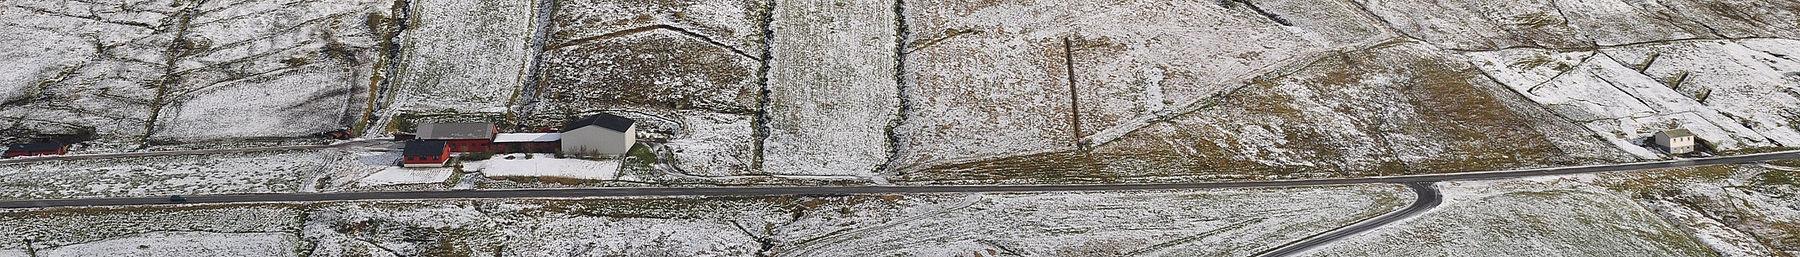 Europa settentrionale wikivoyage guida turistica di viaggio for Planimetrie di 1800 piedi quadrati